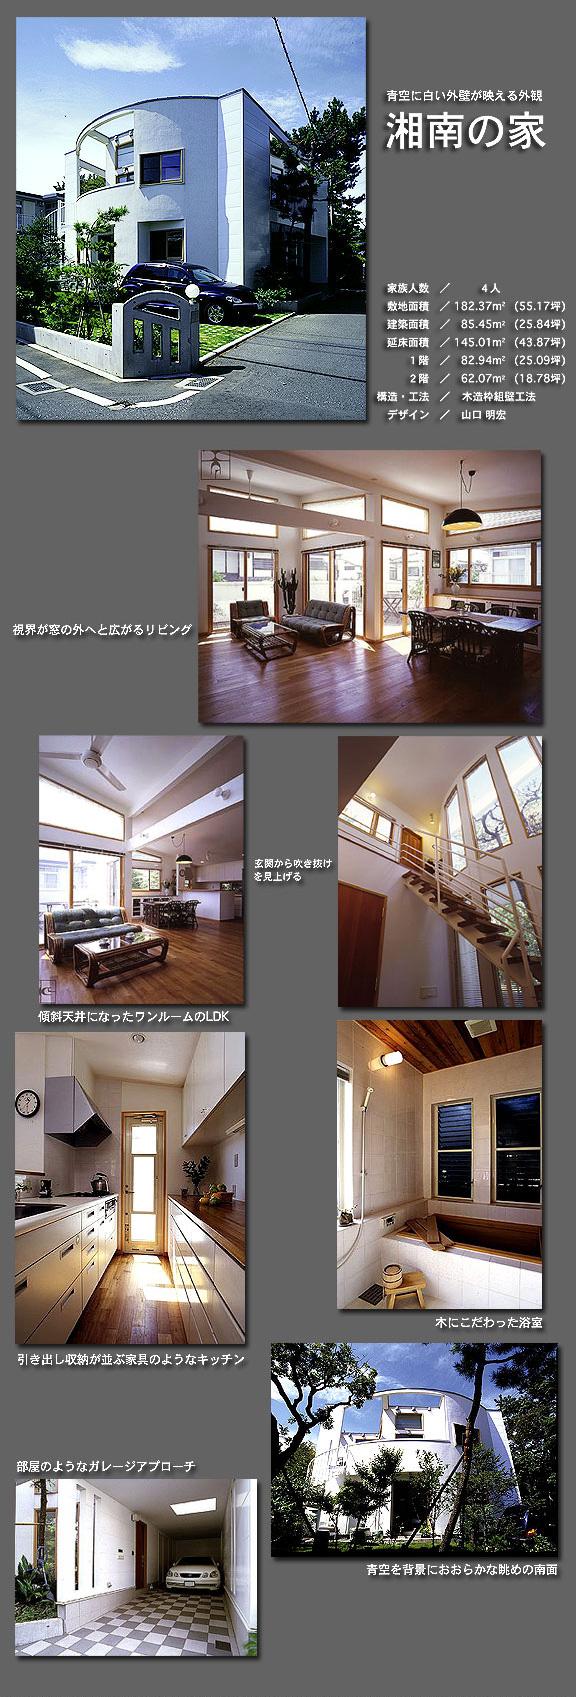 house_shonan